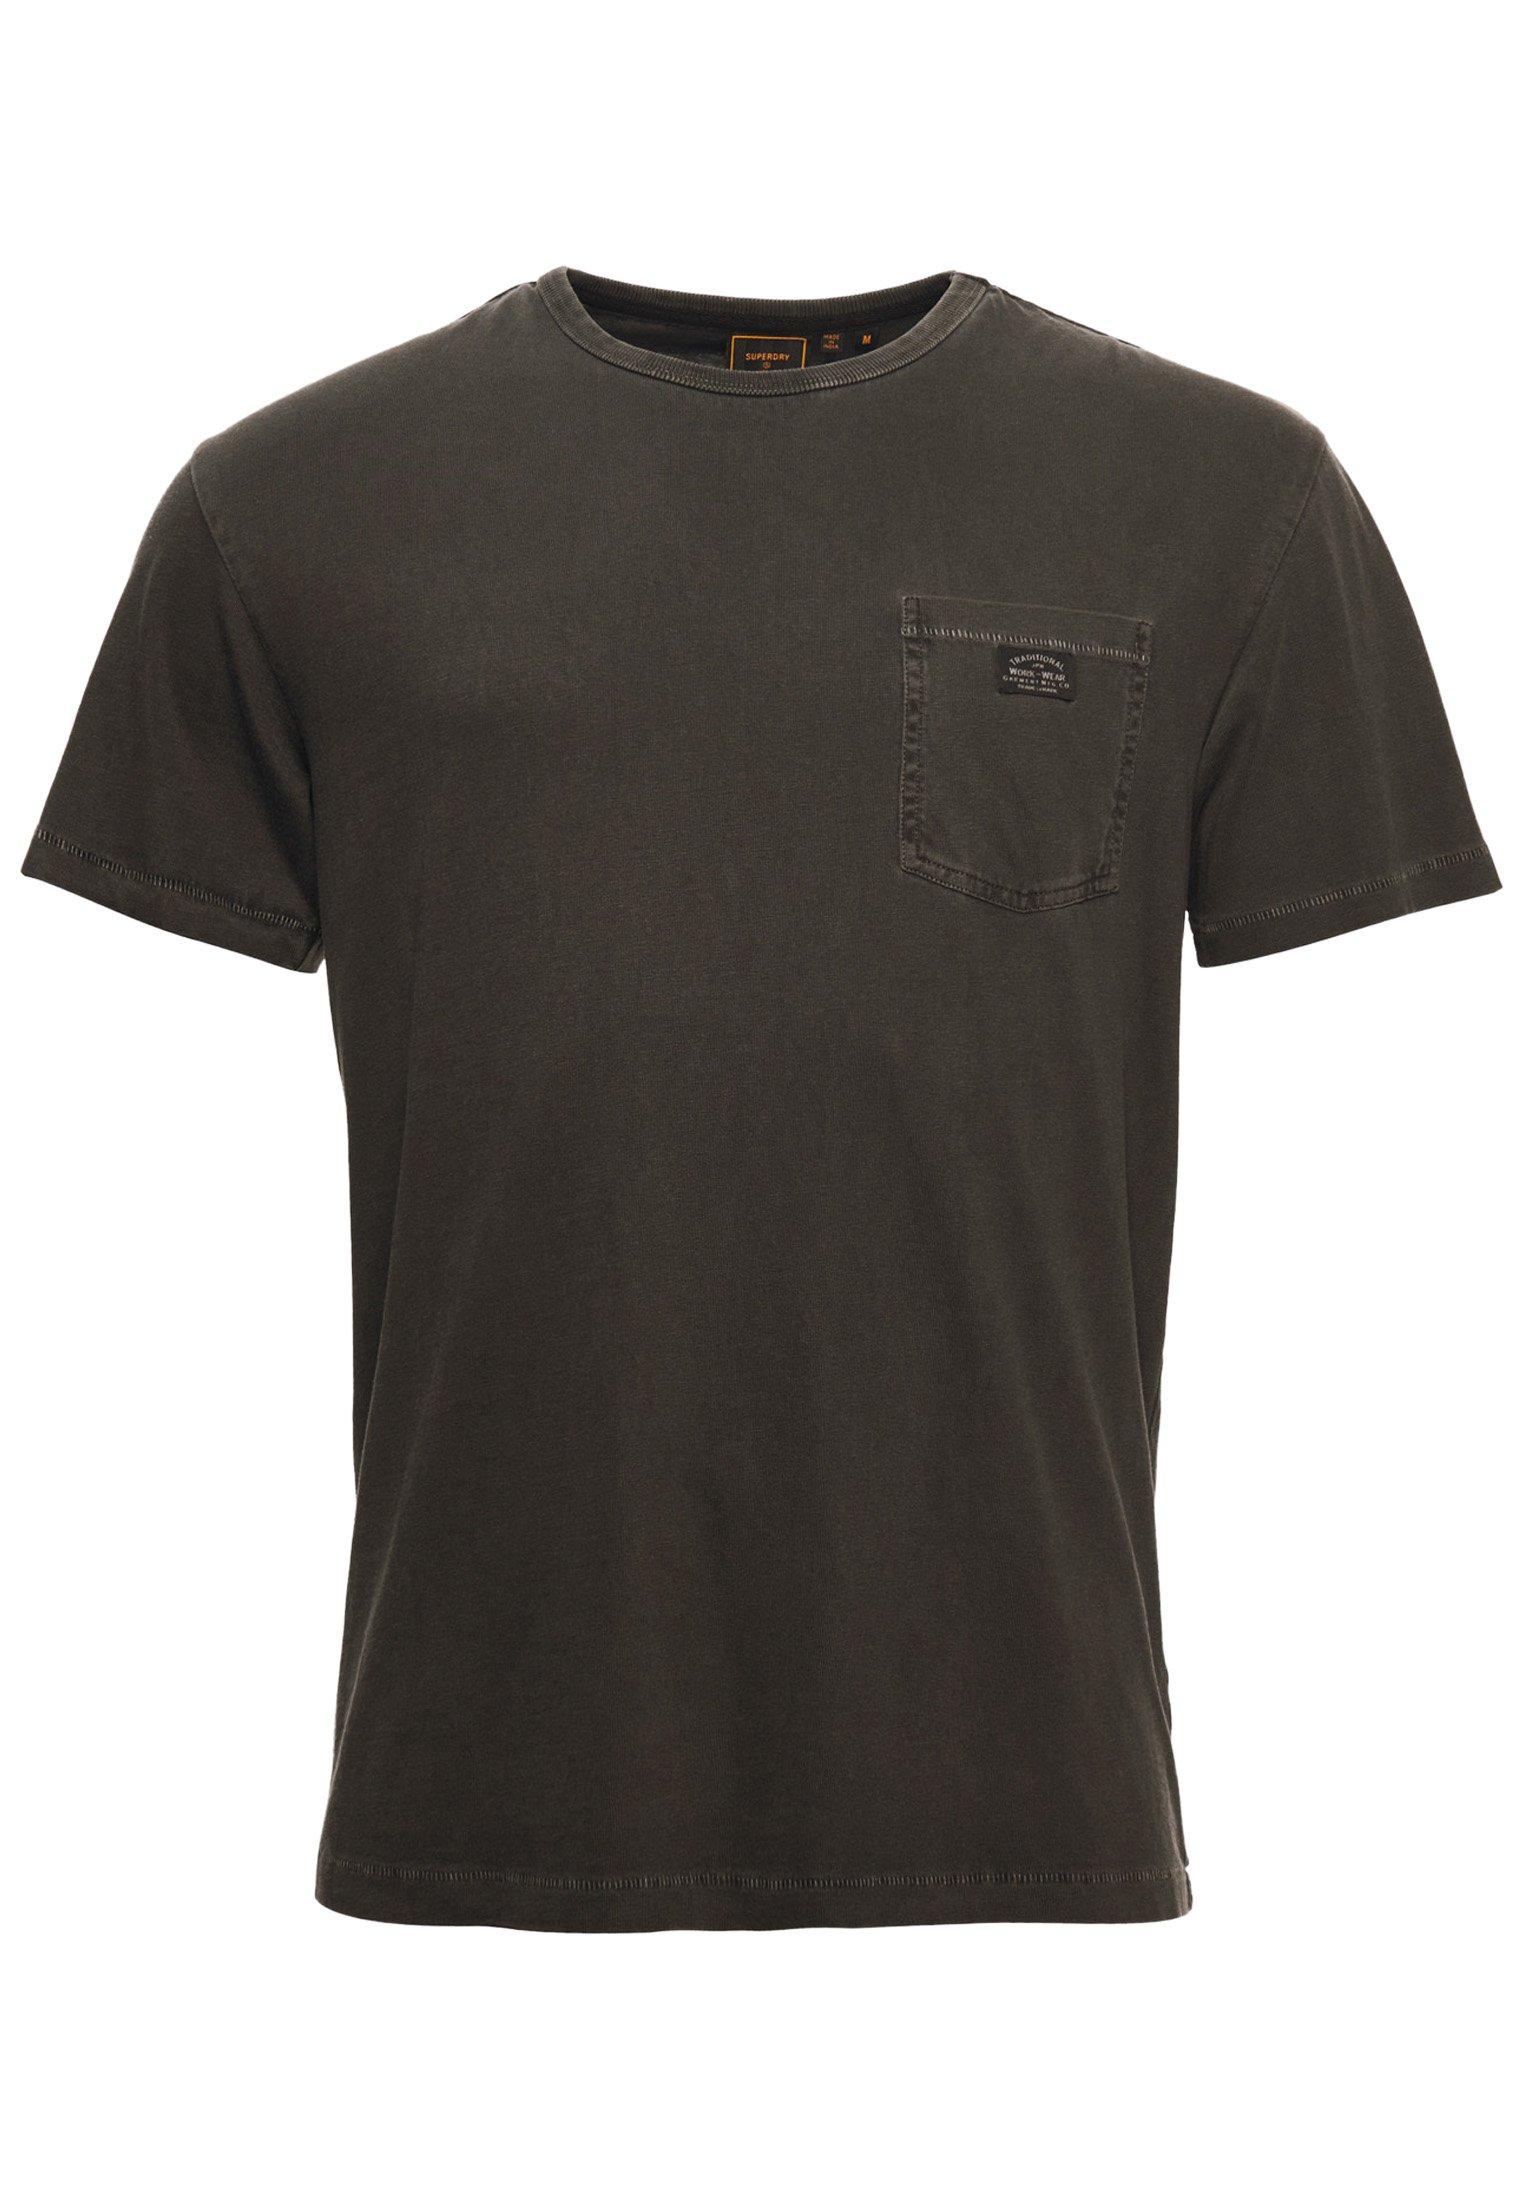 Uomo NYC - T-shirt basic